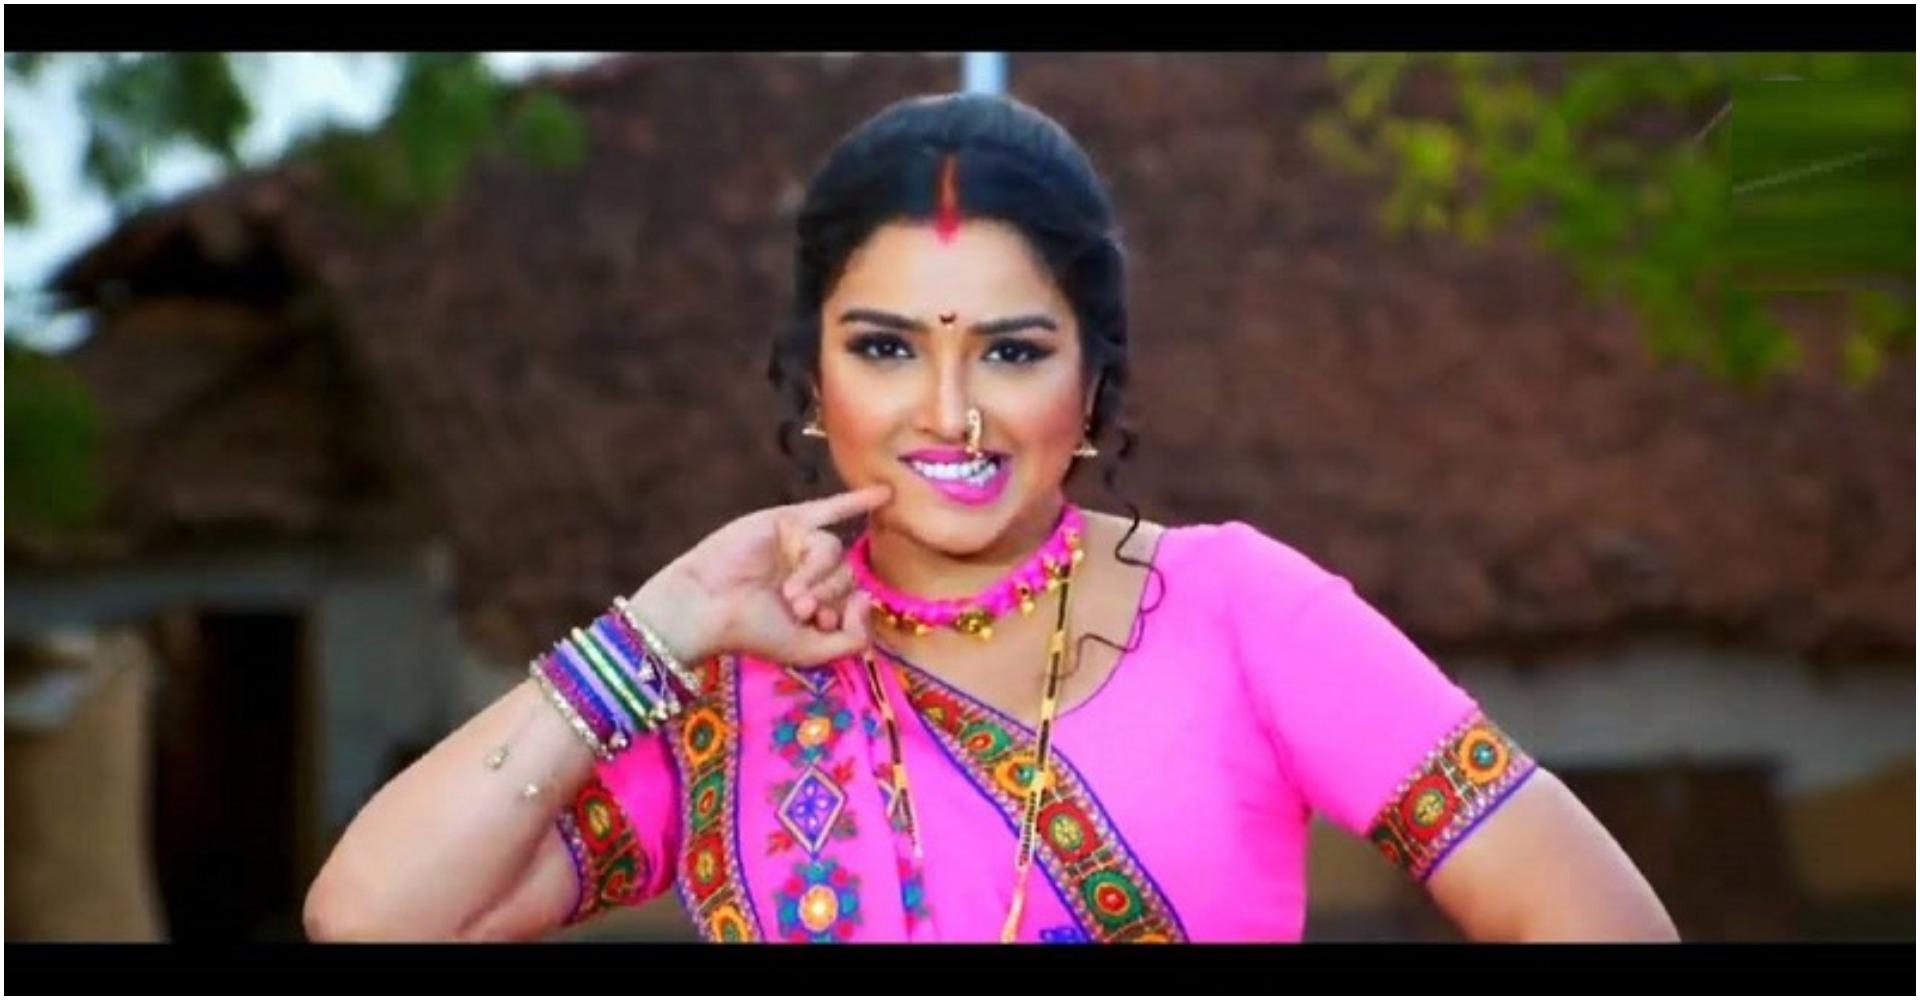 भोजपुरी अभिनेत्री आम्रपाली दुबे की ये हॉट तस्वीरें आपको बना देगी दीवाना, देखते ही कहोगे वाह